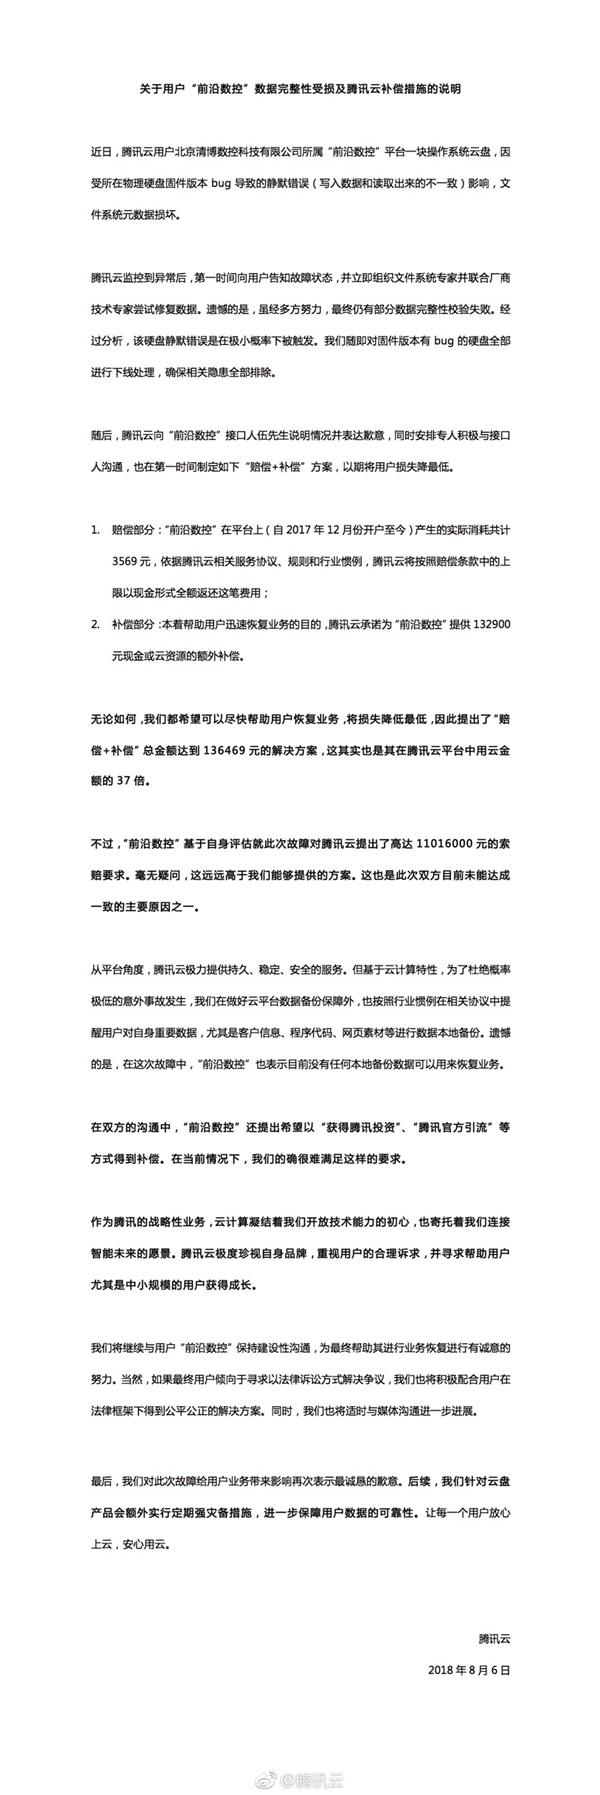 腾讯云物理硬盘固件Bug致用户文件损坏:提供37倍赔偿遭拒